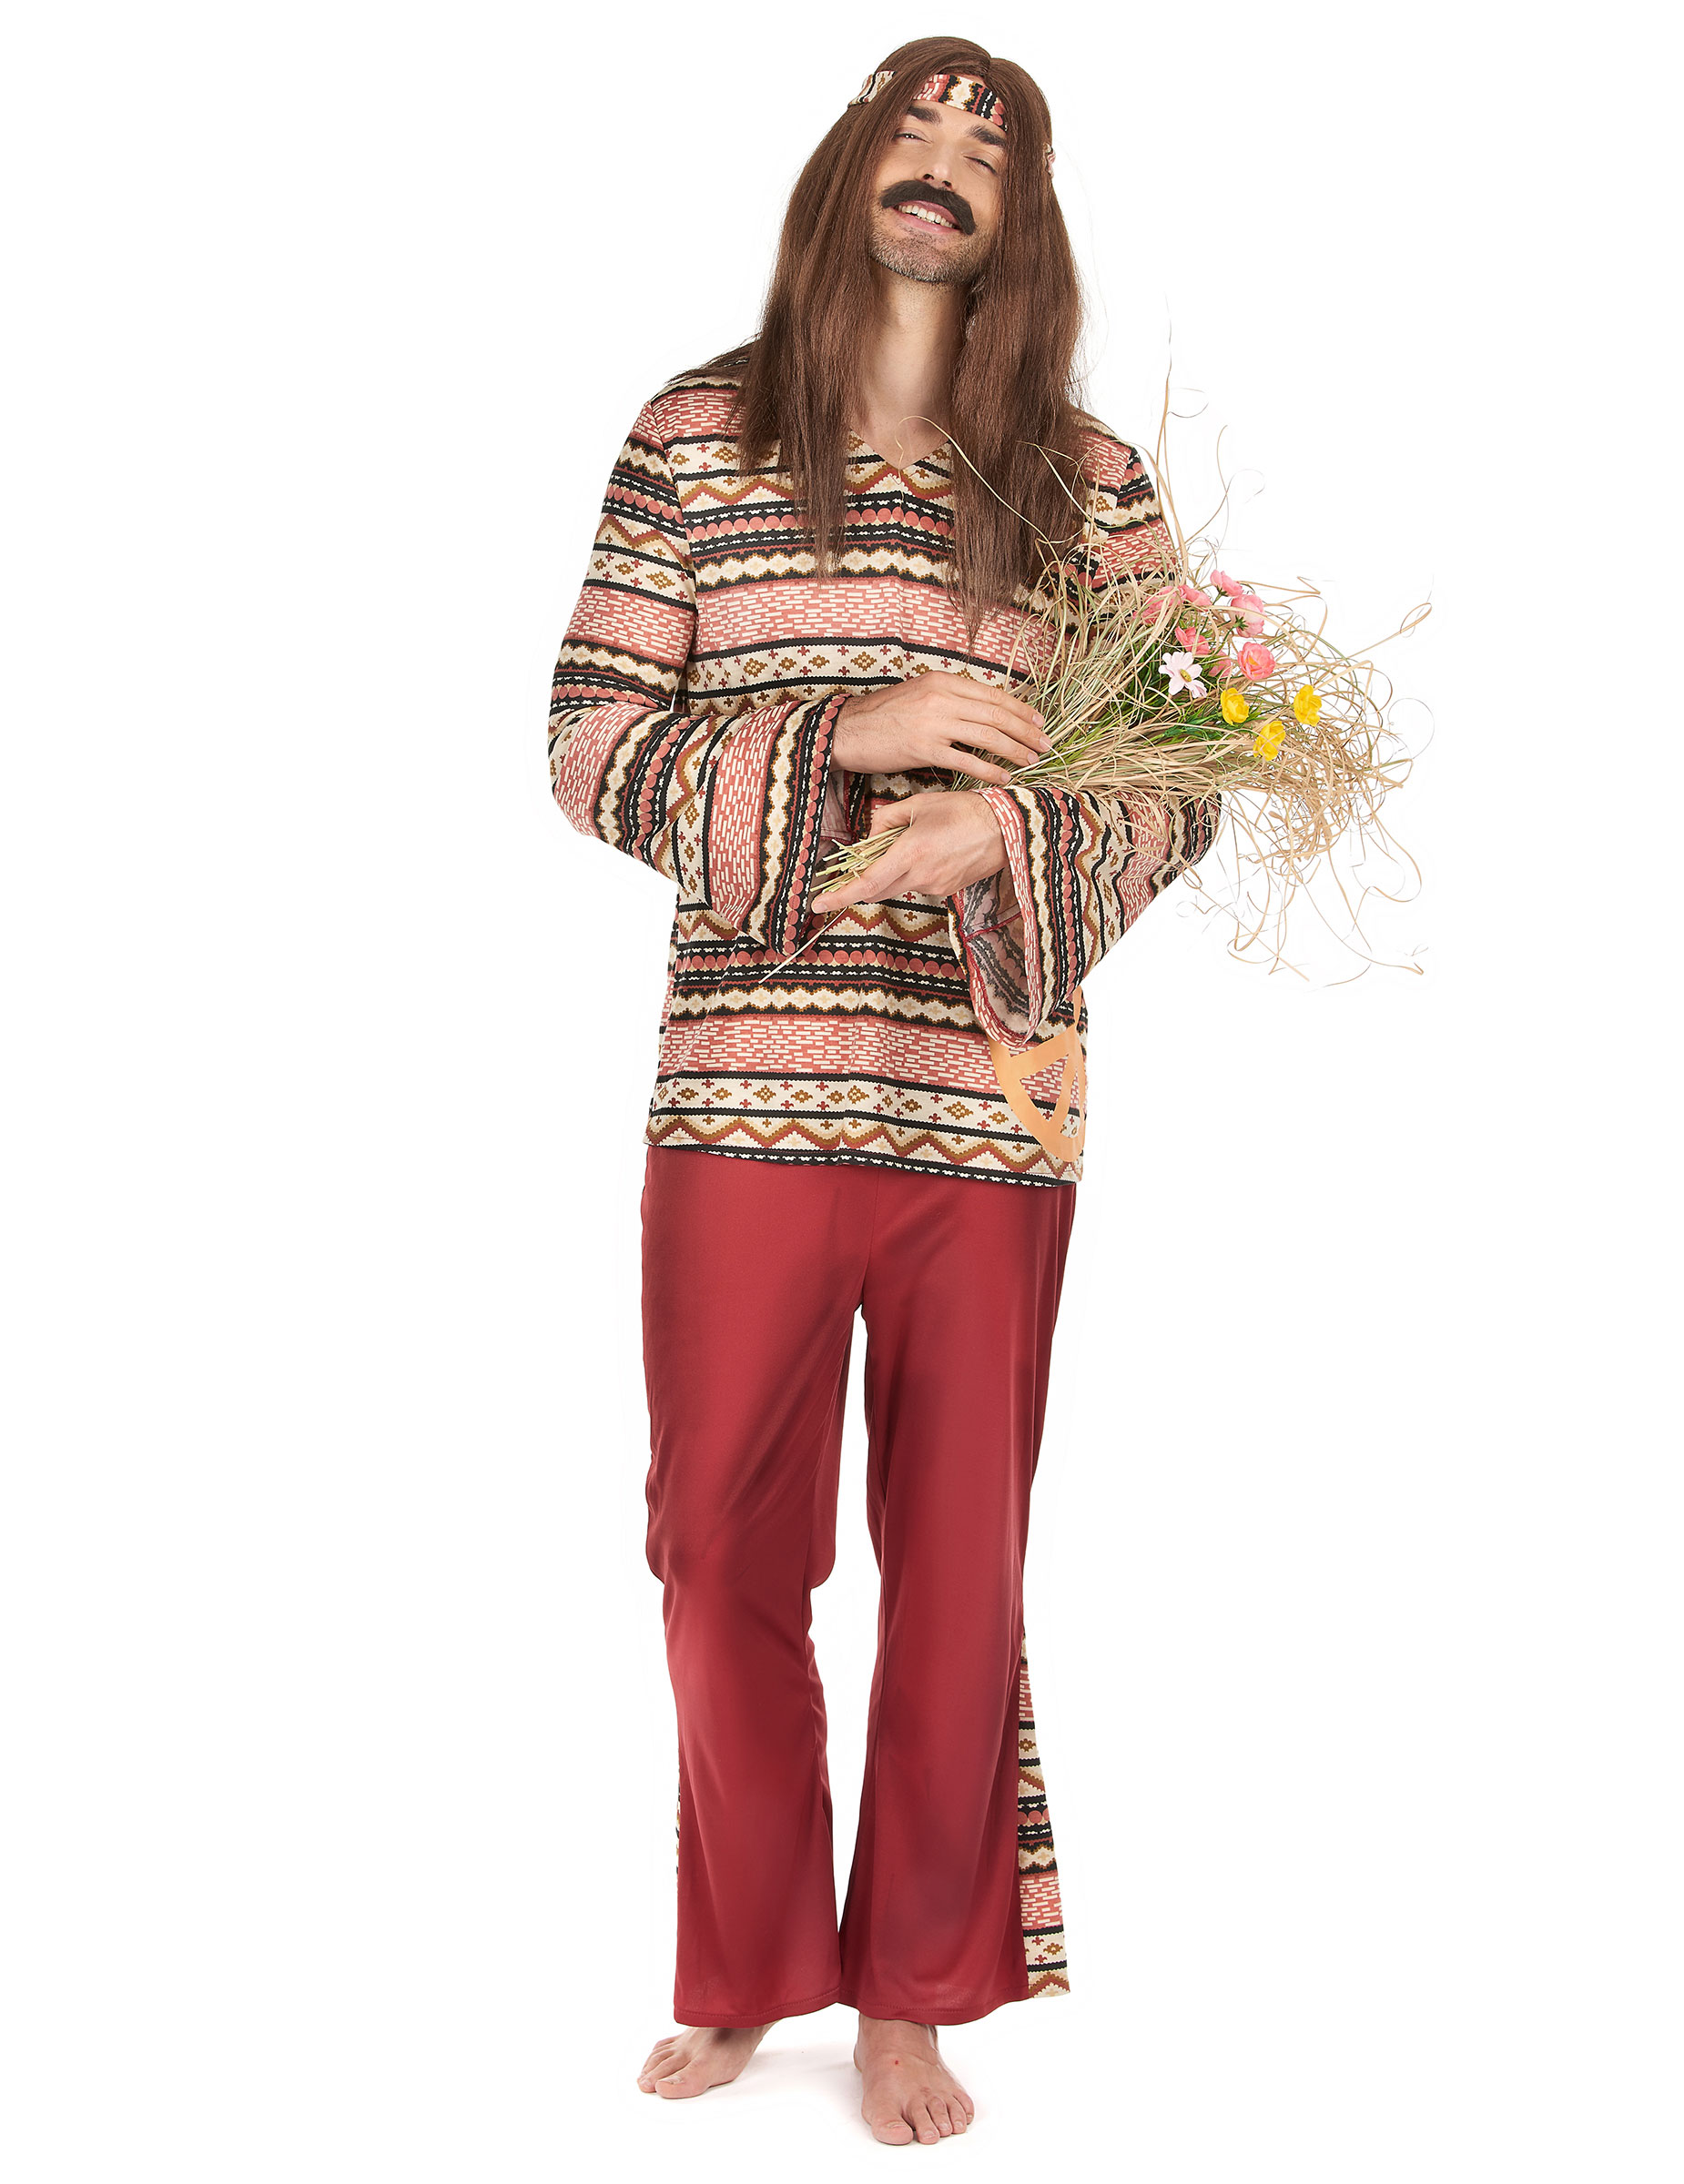 Costume bordeaux da hippie per uomo su VegaooParty 393a606bbbd